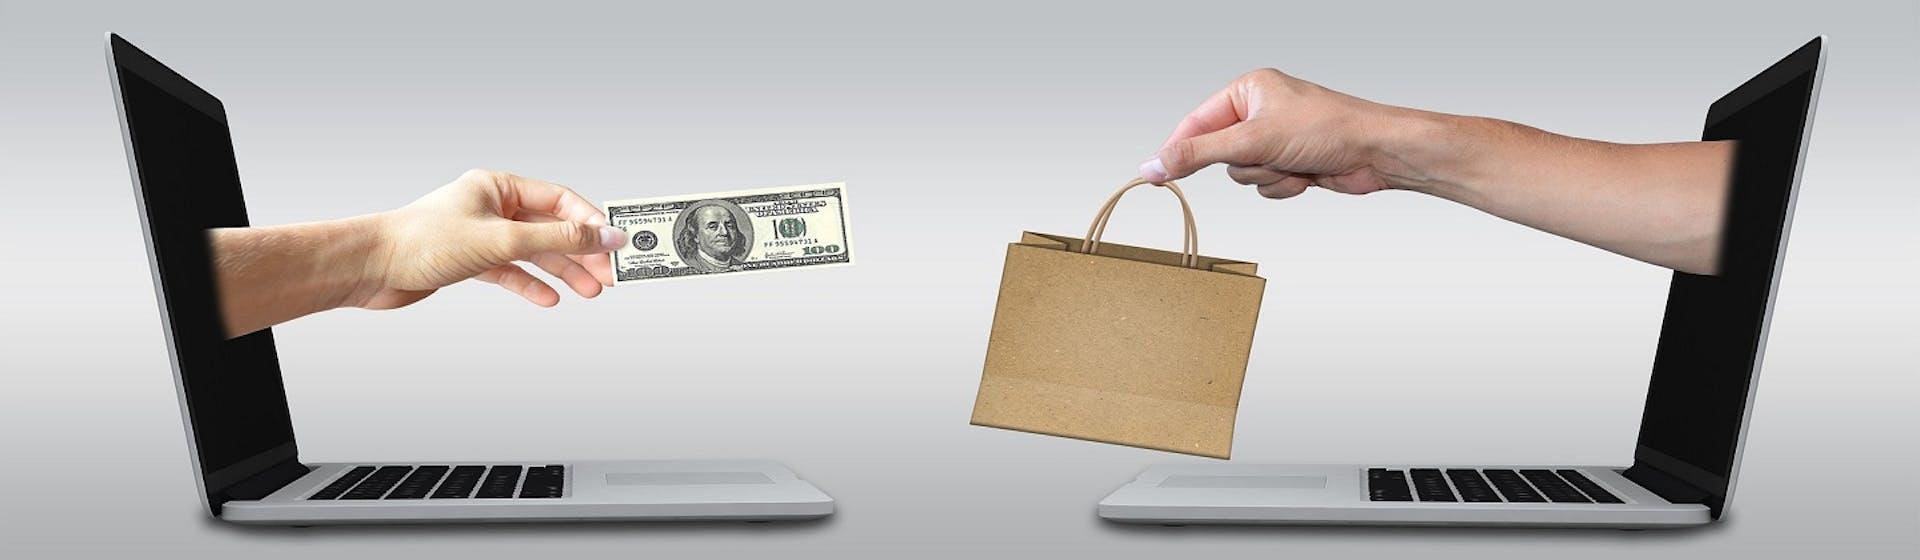 ¡Conoce 5 estrategias de marketing para aumentar las ventas de tu negocio!